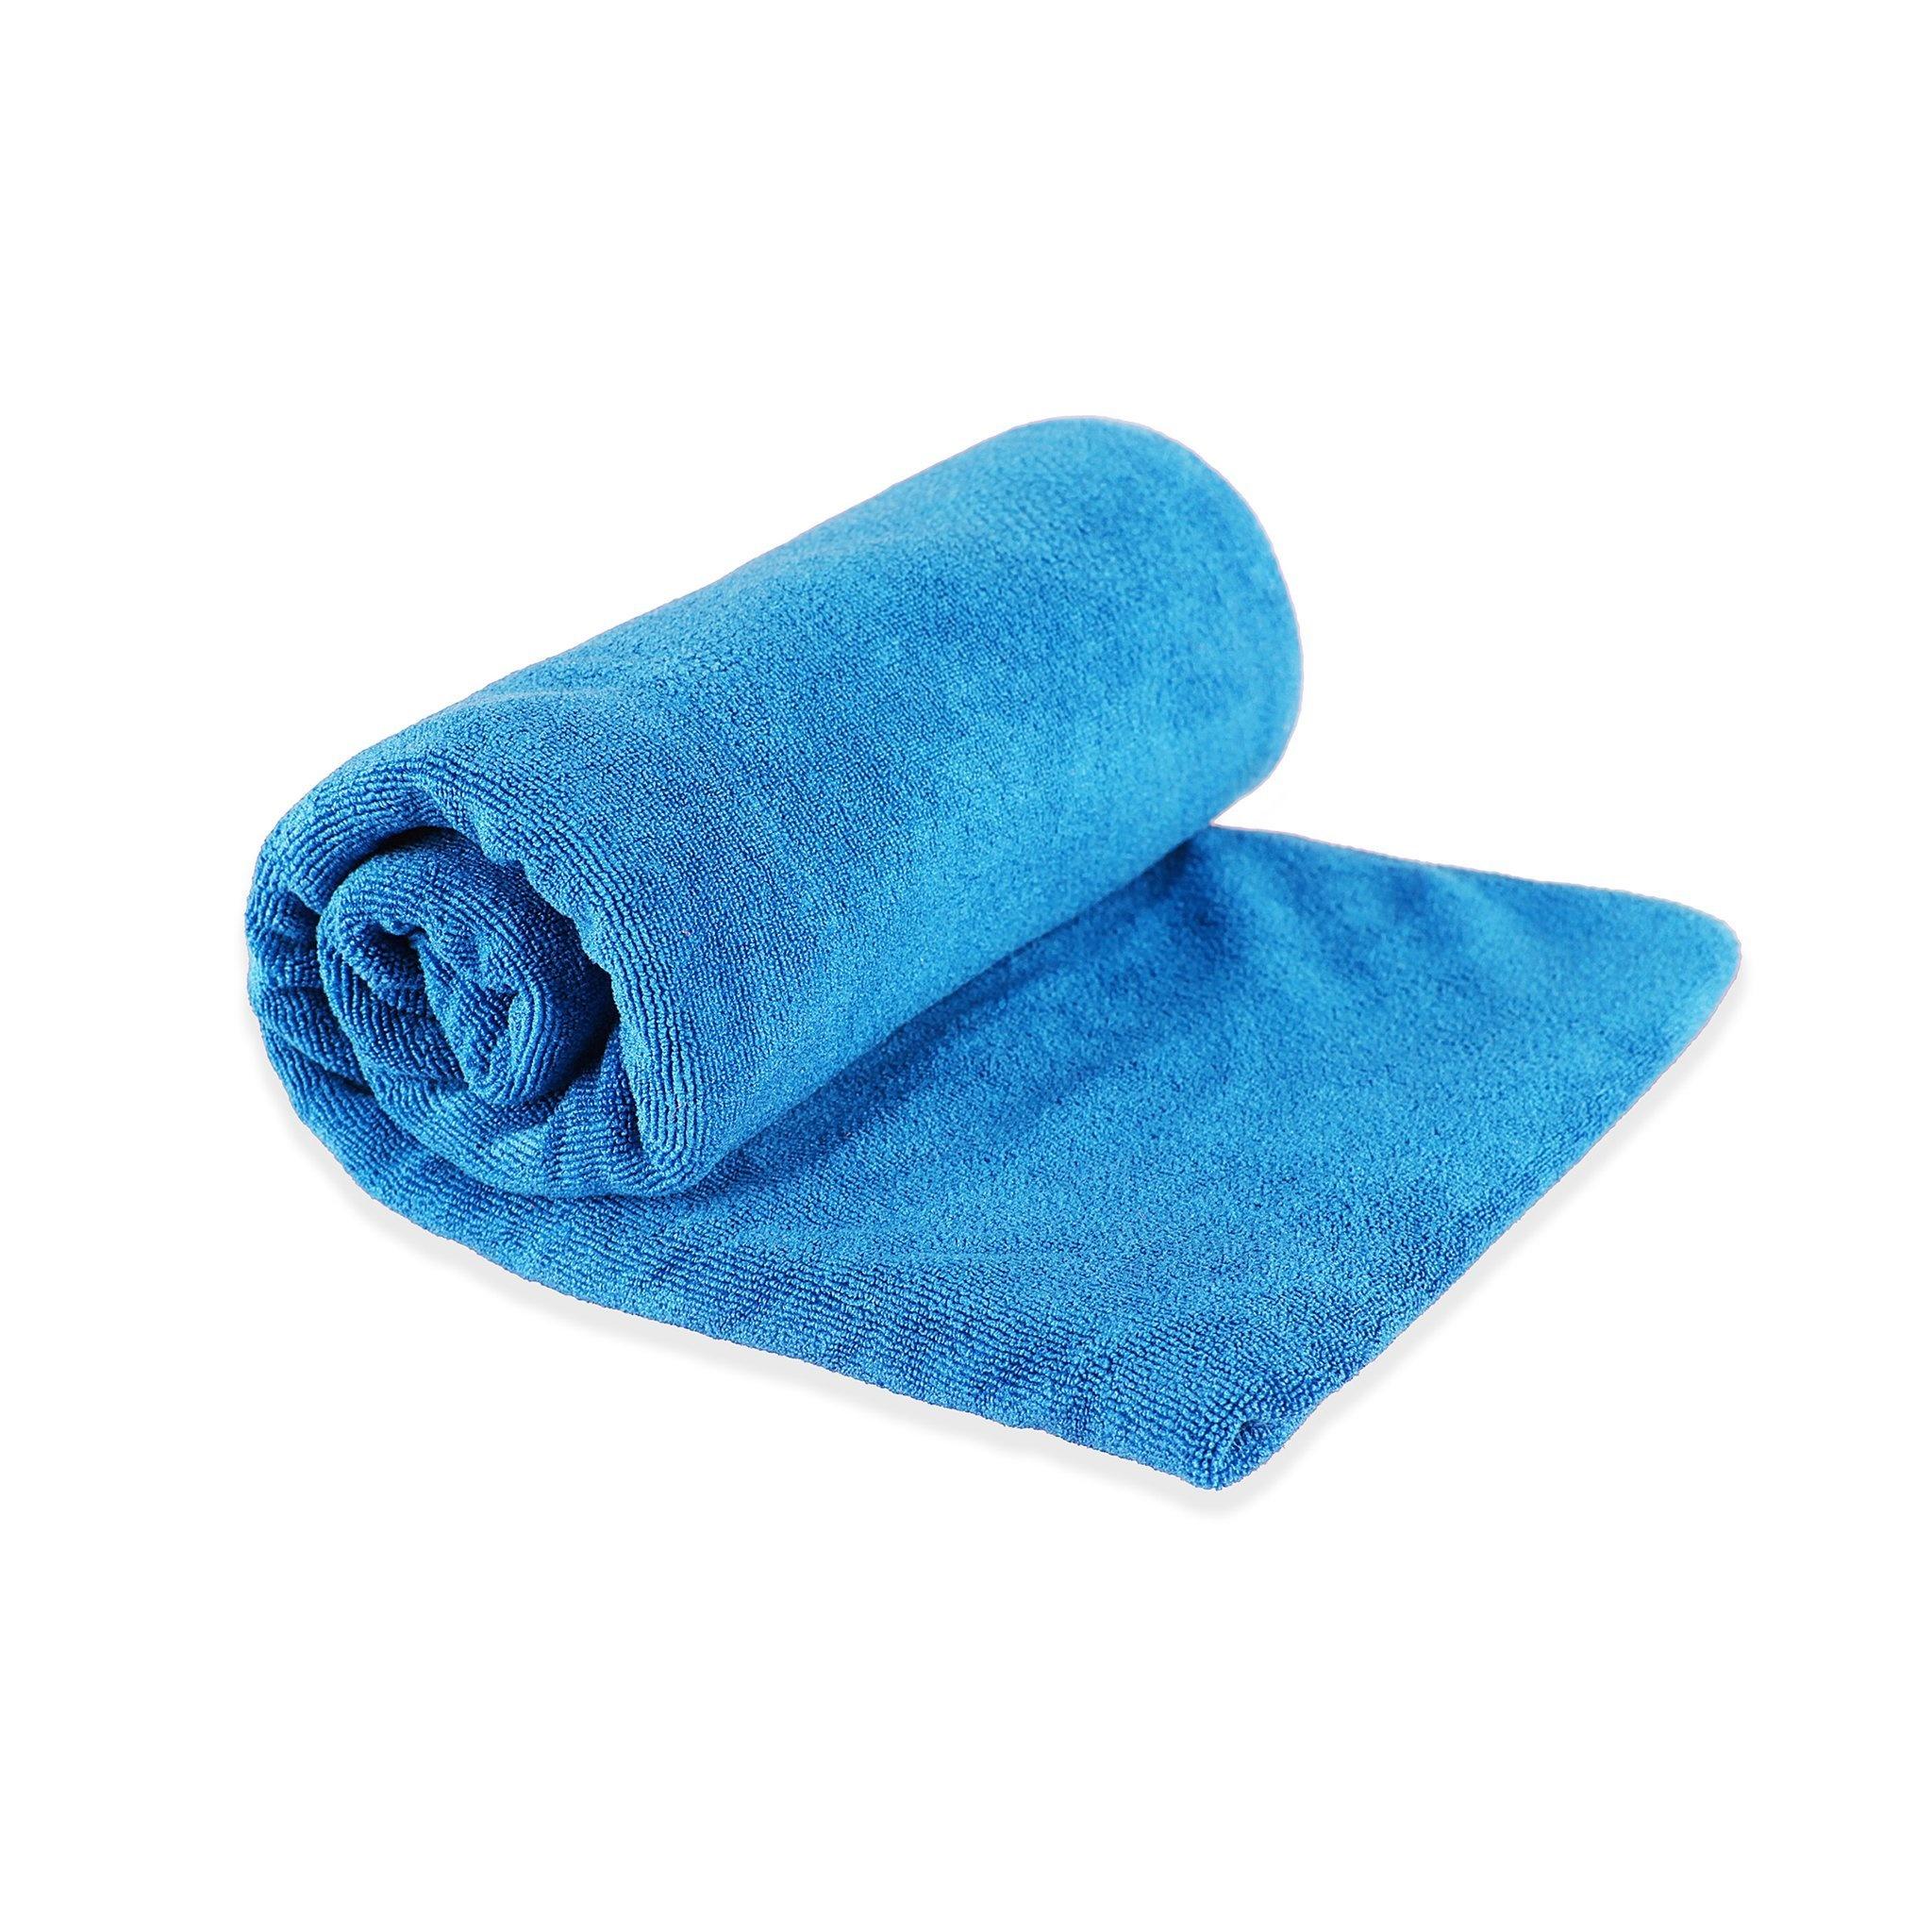 Tek Towel, Medium-1